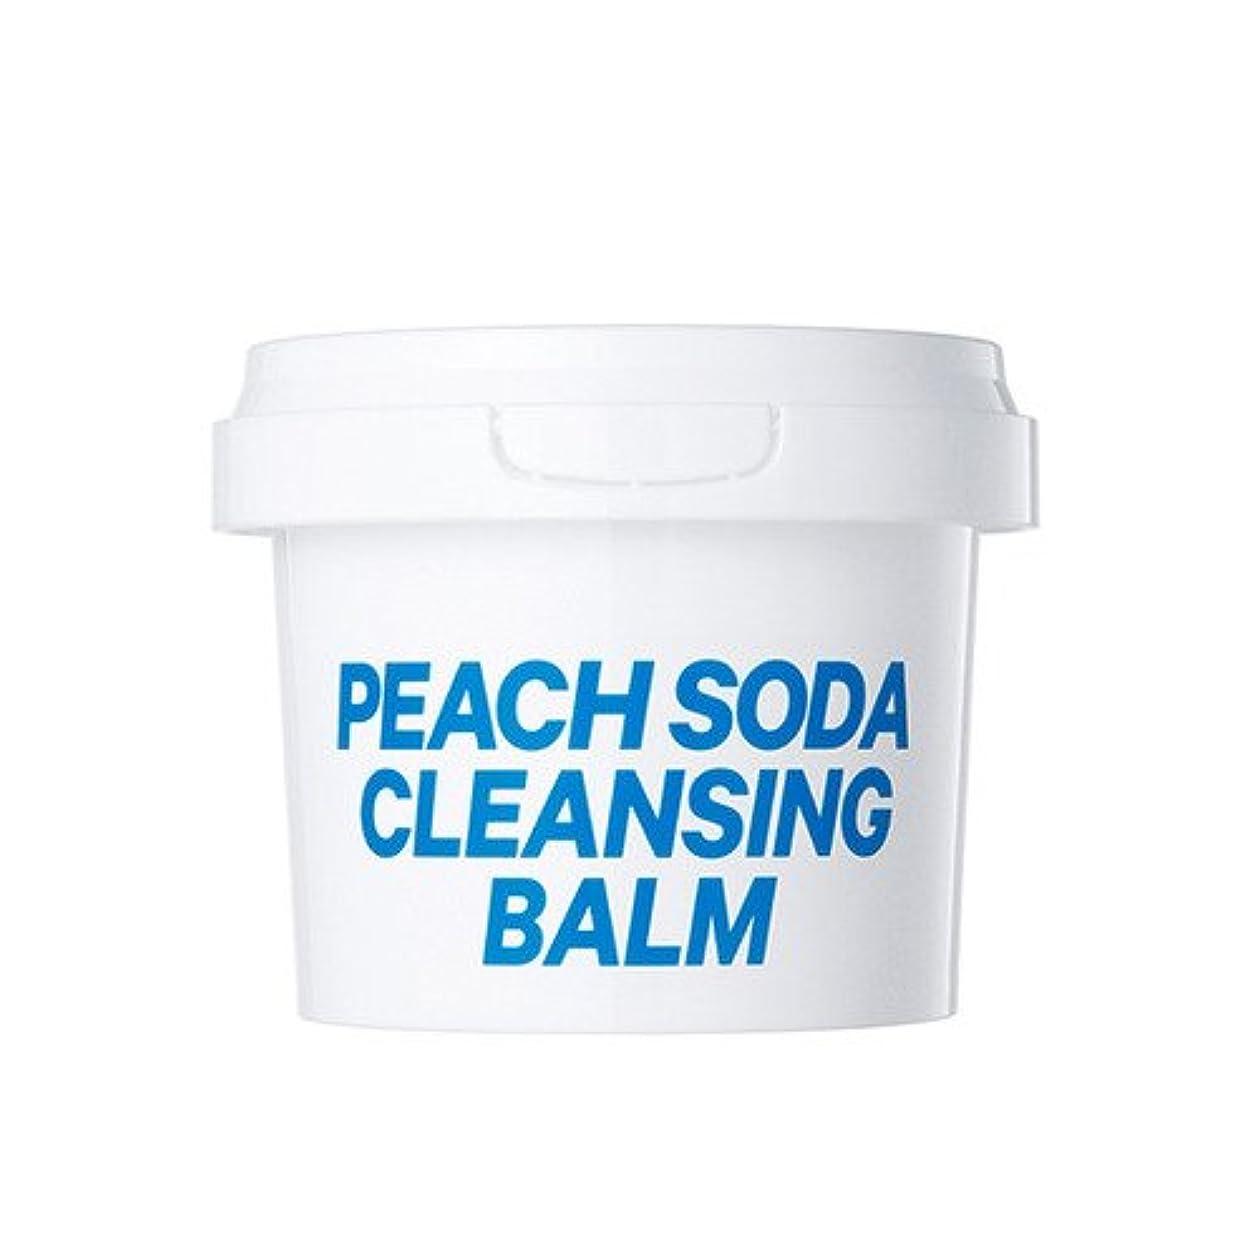 管理する折トロリー16brand Sixteen Peach Soda Cleansing Balm 110g/16ブランド シックスティーン ピーチ ソーダ クレンジング バーム 110g [並行輸入品]